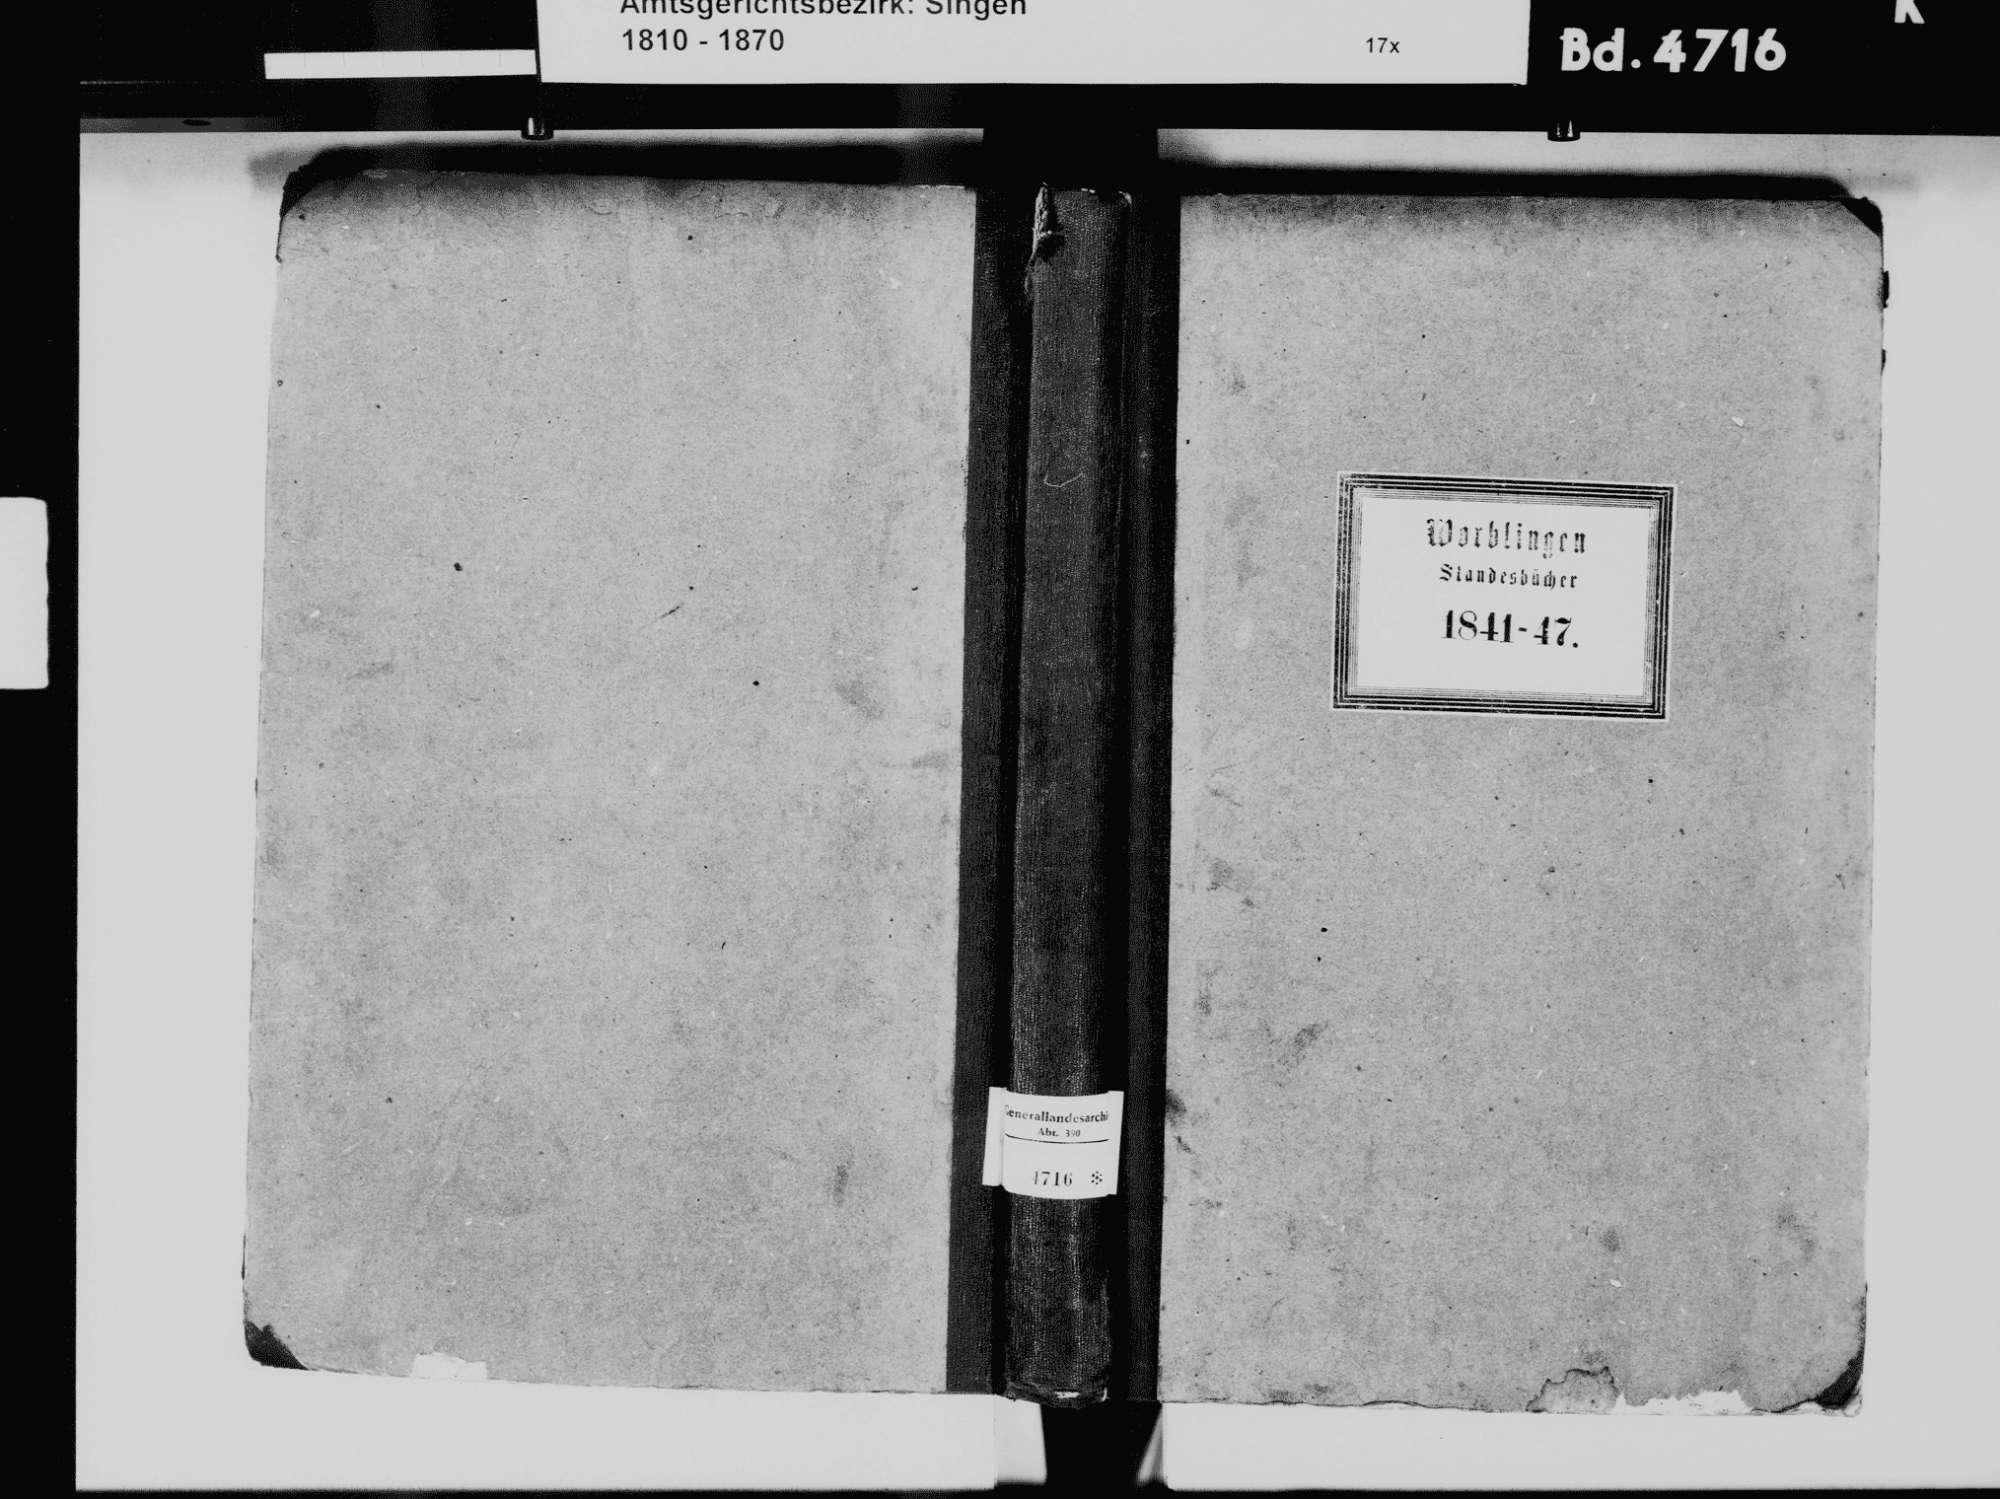 Worblingen, Rielasingen-Worblingen KN; Katholische Gemeinde: Standesbuch 1841-1847 Worblingen, Rielasingen-Worblingen KN; Israelitsche Gemeinde: Standesbuch 1841-1847, Bild 2